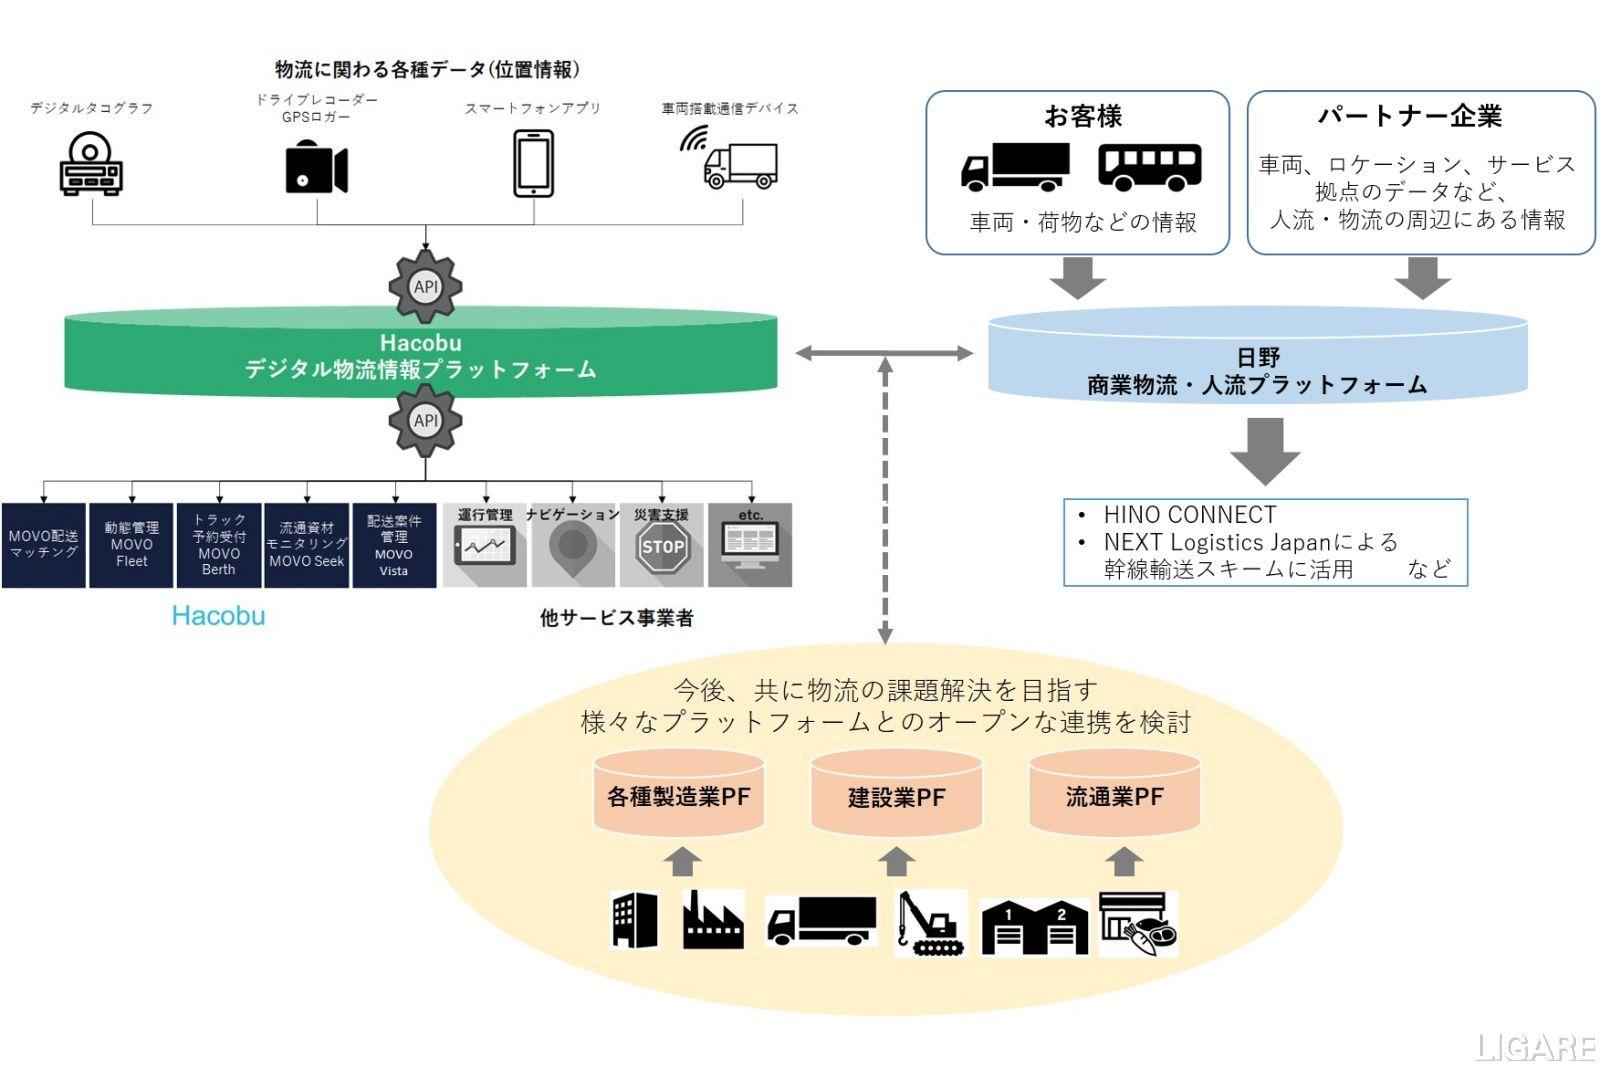 日野自動車とHacobuのデータ連携イメージ図